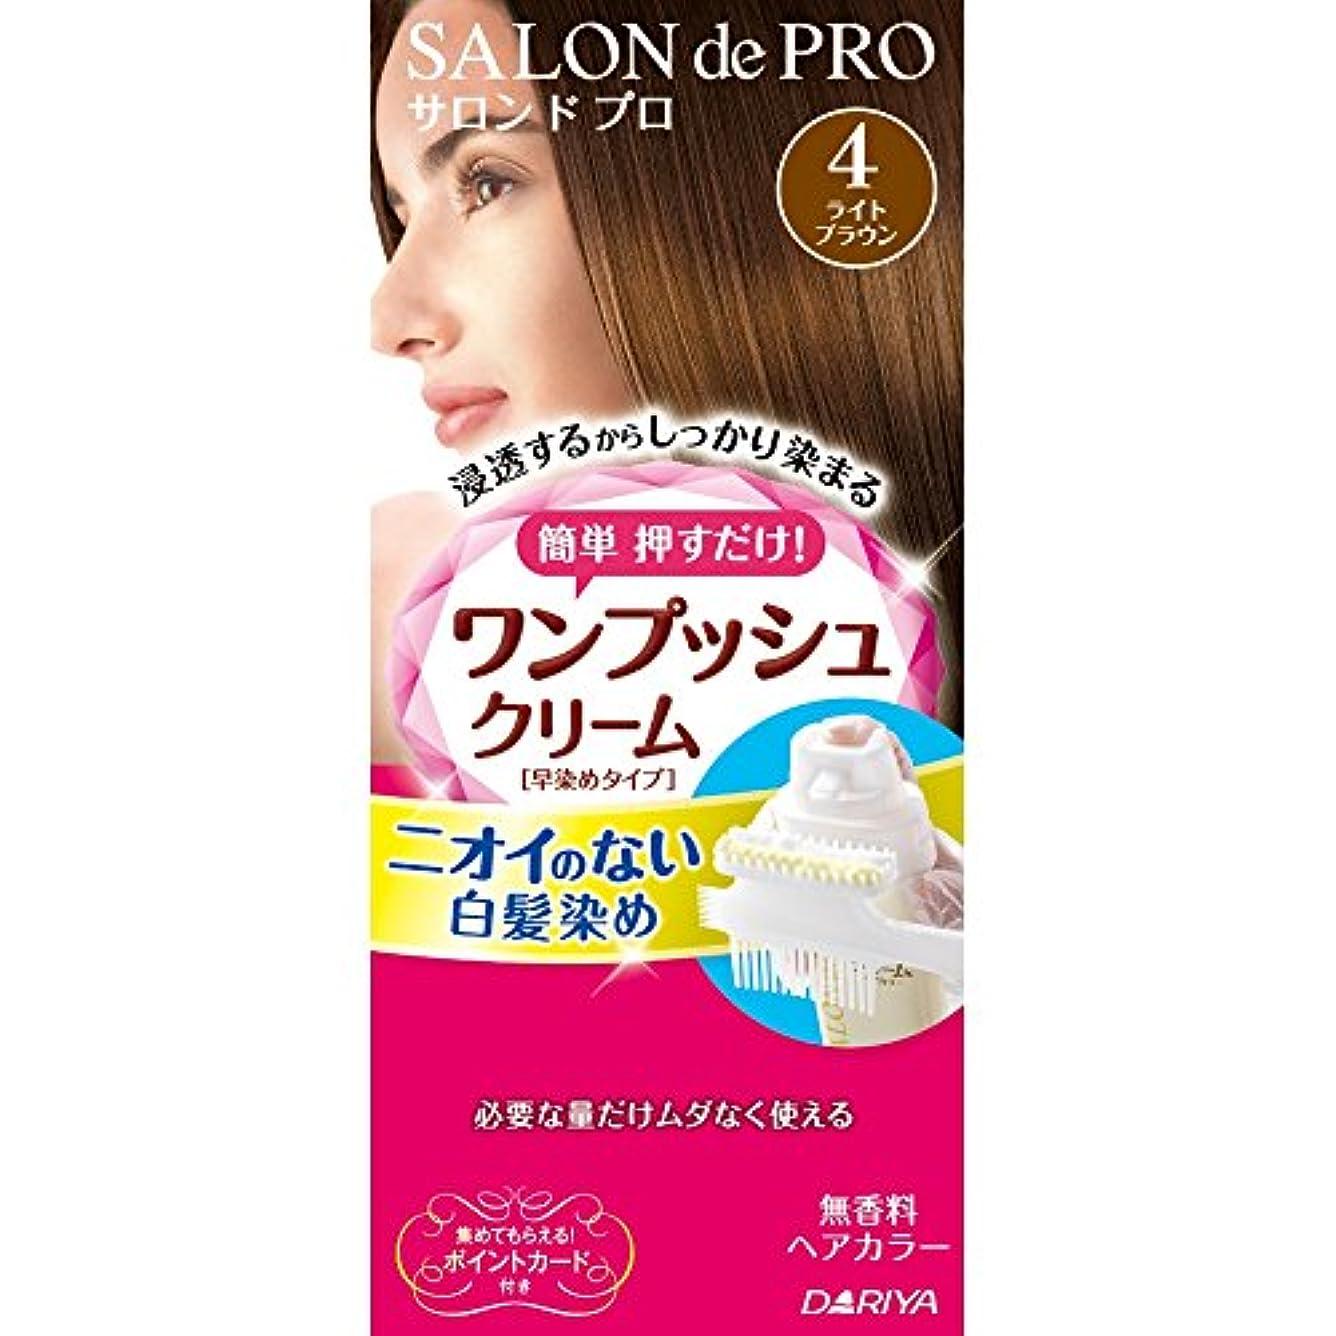 ボリューム腹痛プロフィールサロンドプロ ワンプッシュクリームヘアカラー 4 40g+40g